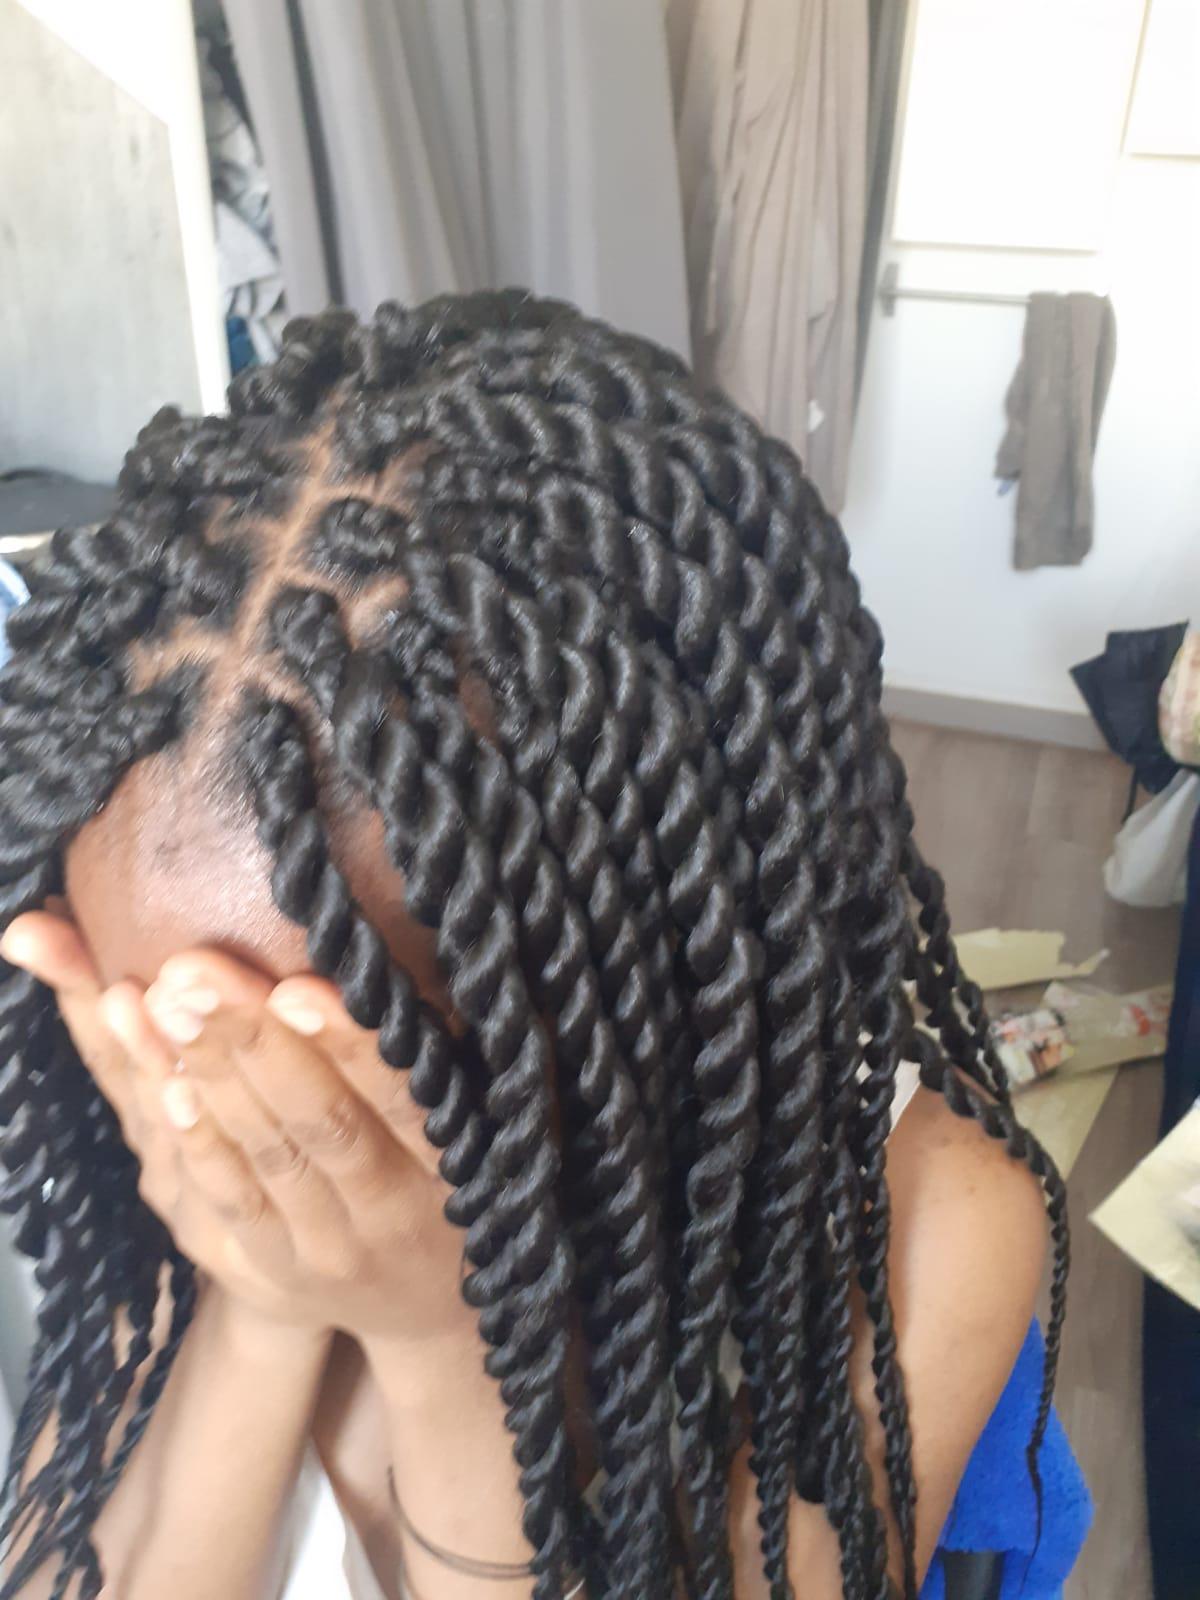 salon de coiffure afro tresse tresses box braids crochet braids vanilles tissages paris 75 77 78 91 92 93 94 95 ZYCRGYJP